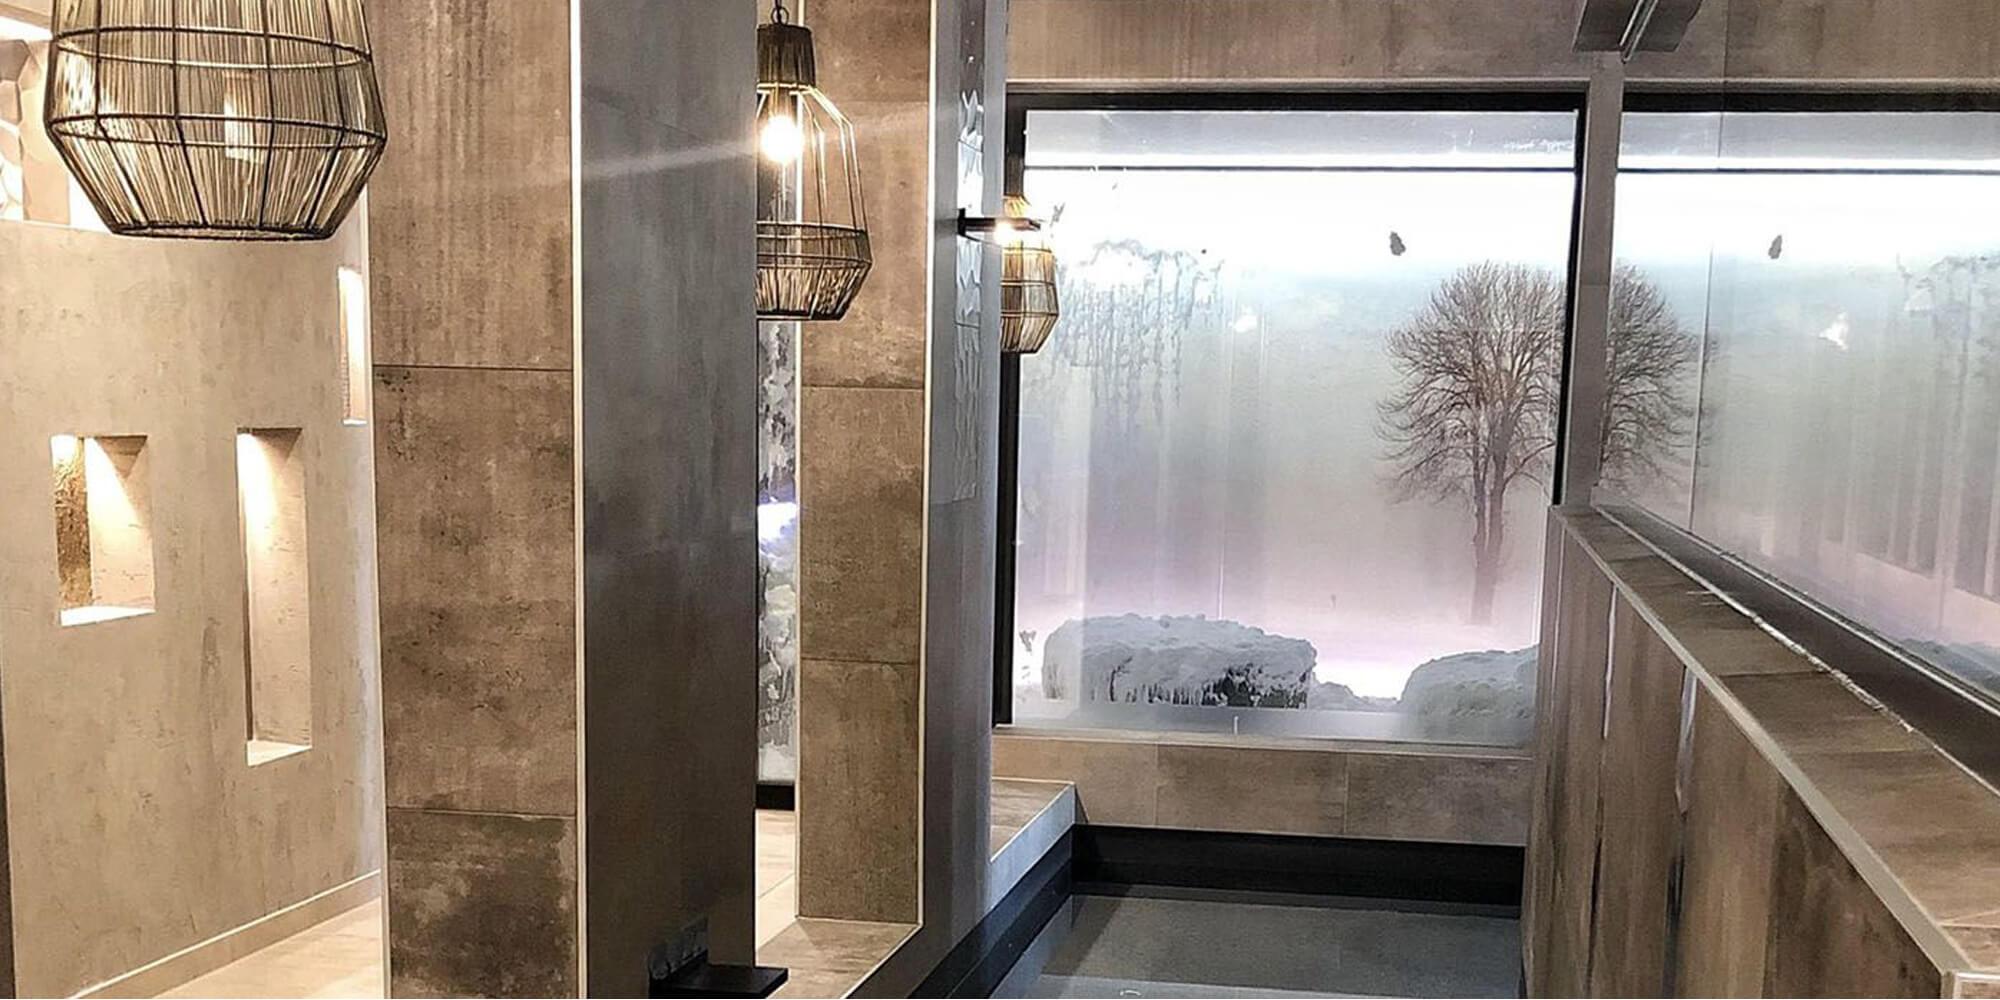 Crea-Plan-Design-Rauch-Frühmann-Architektur-Innenarchitektur-Design-Projekt-Referenz-Hotelerie-Gastronomie-Hotel-Guglwald-Wellness-O